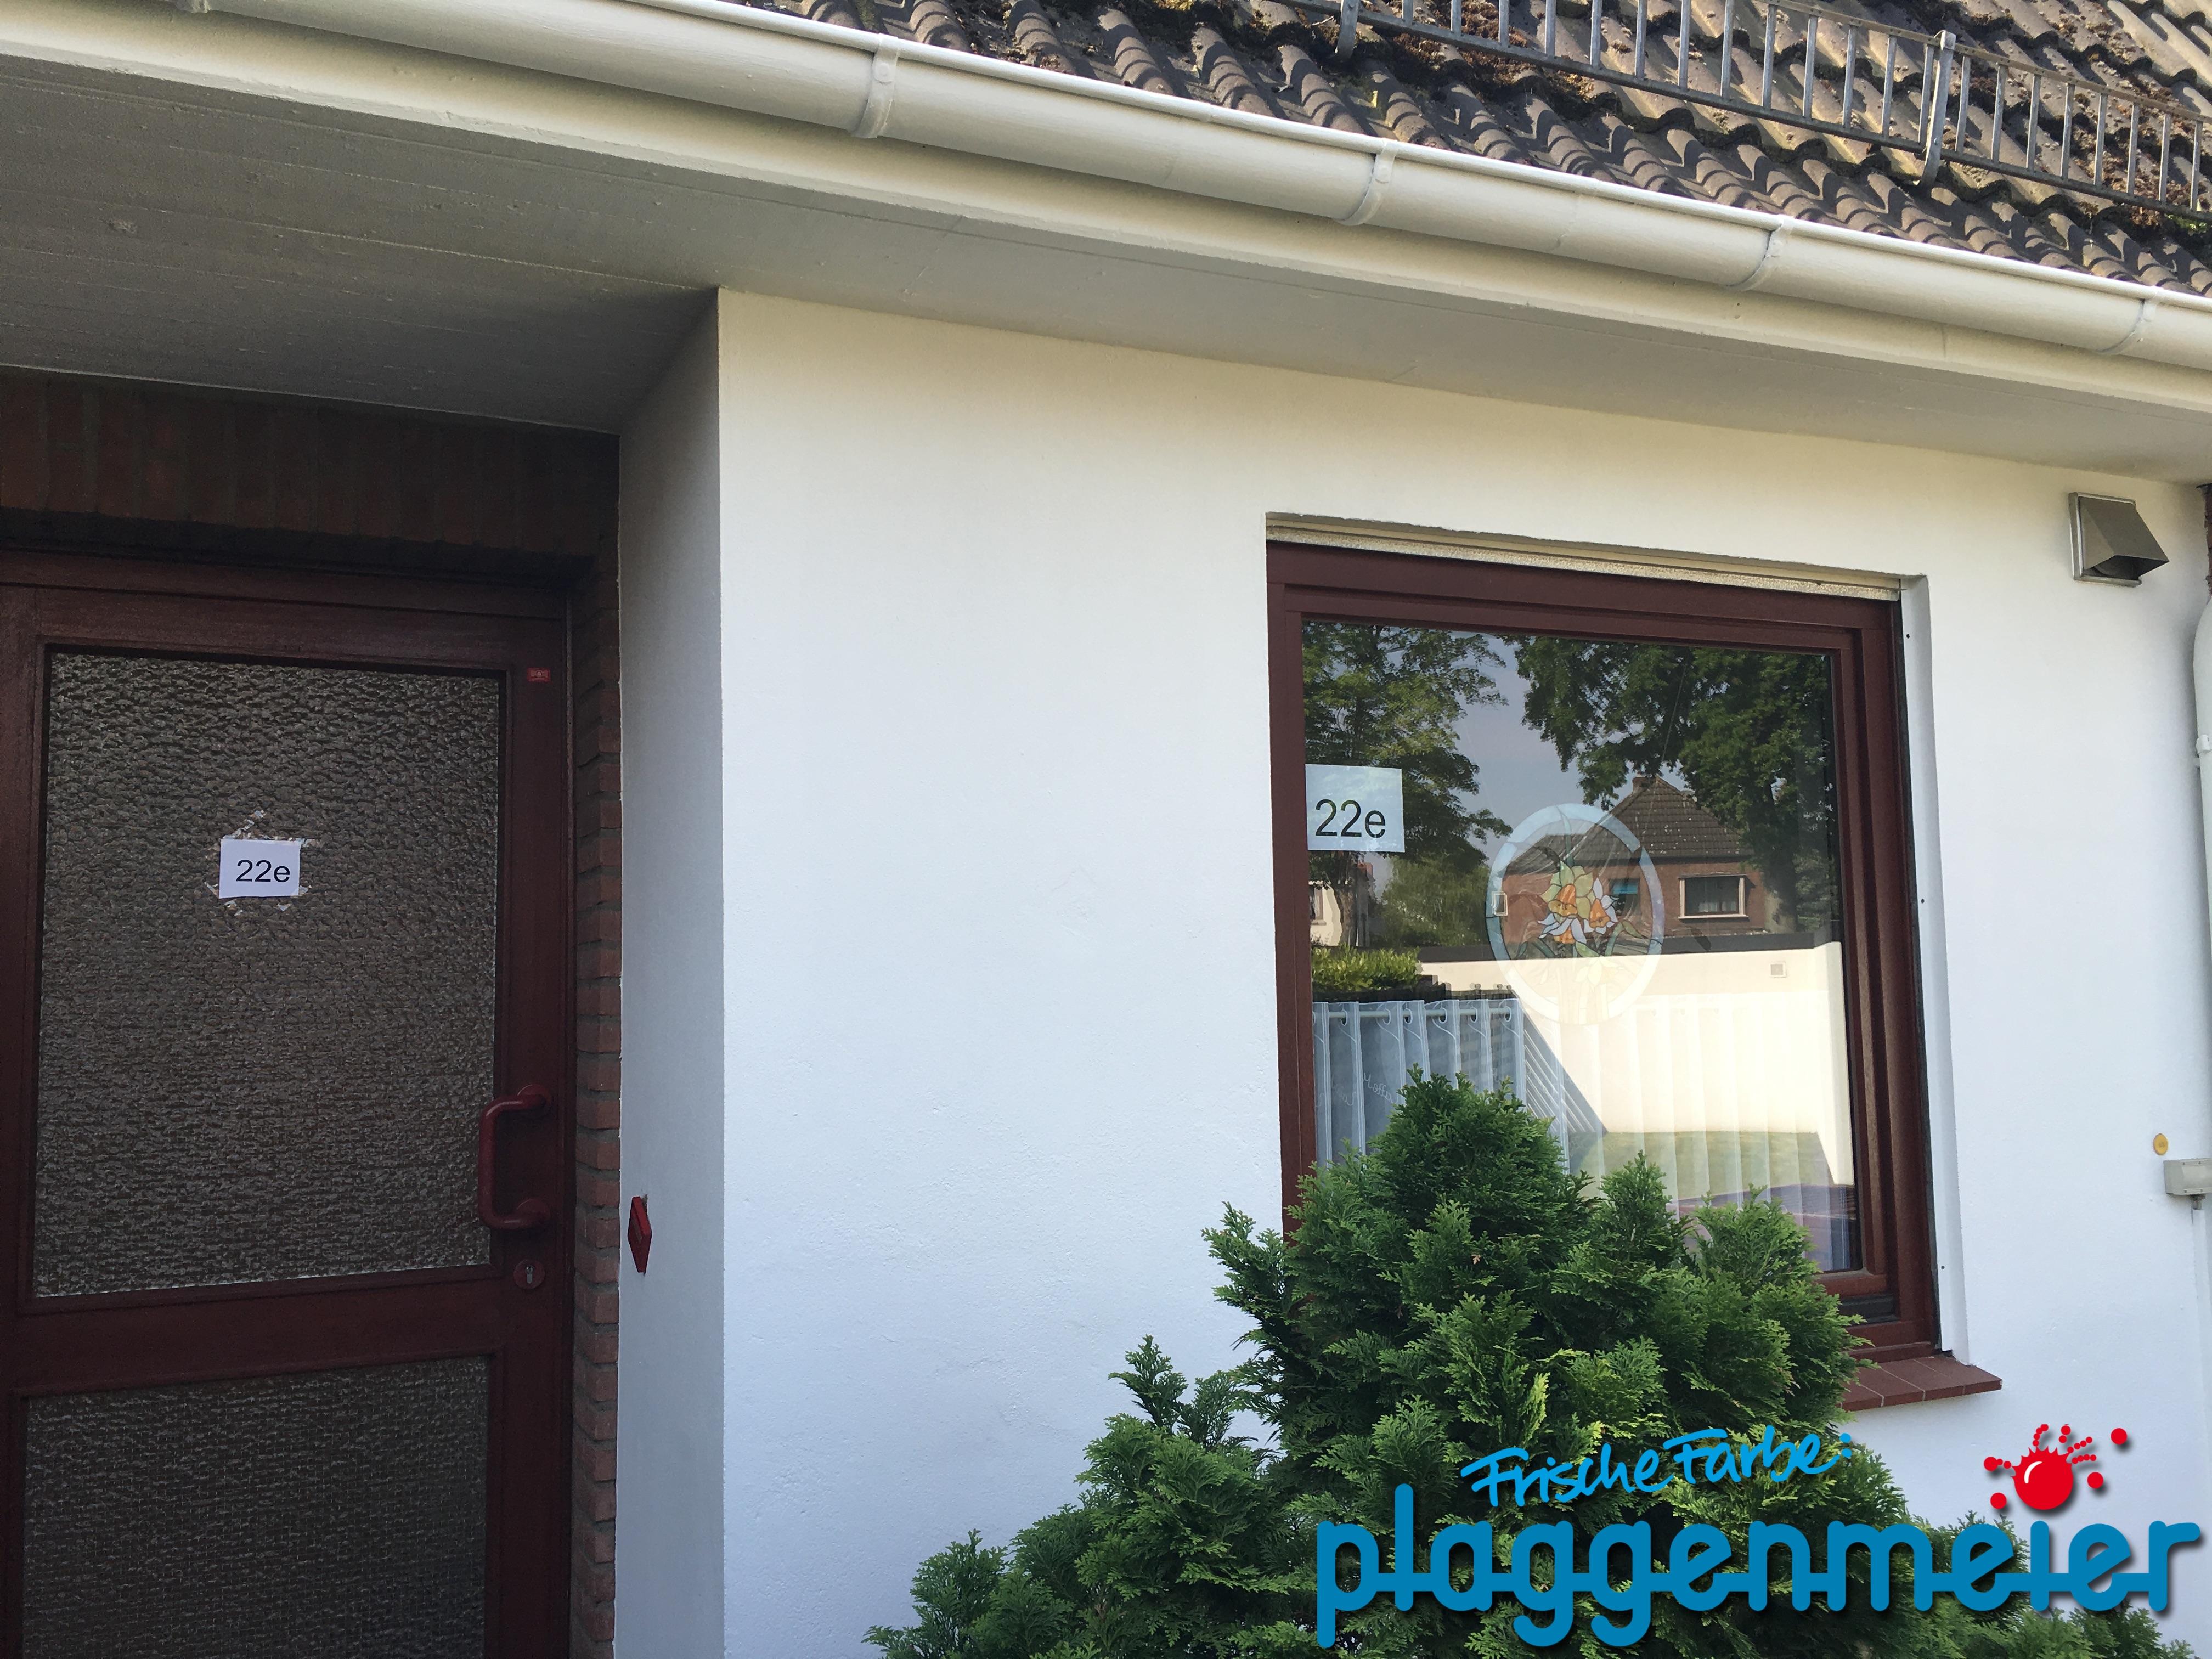 Ein kleines Haus umseitig gestrichen: Lernen im Kundenauftrag ist immer gut in der Ausbildung zum Maler und Lackierer